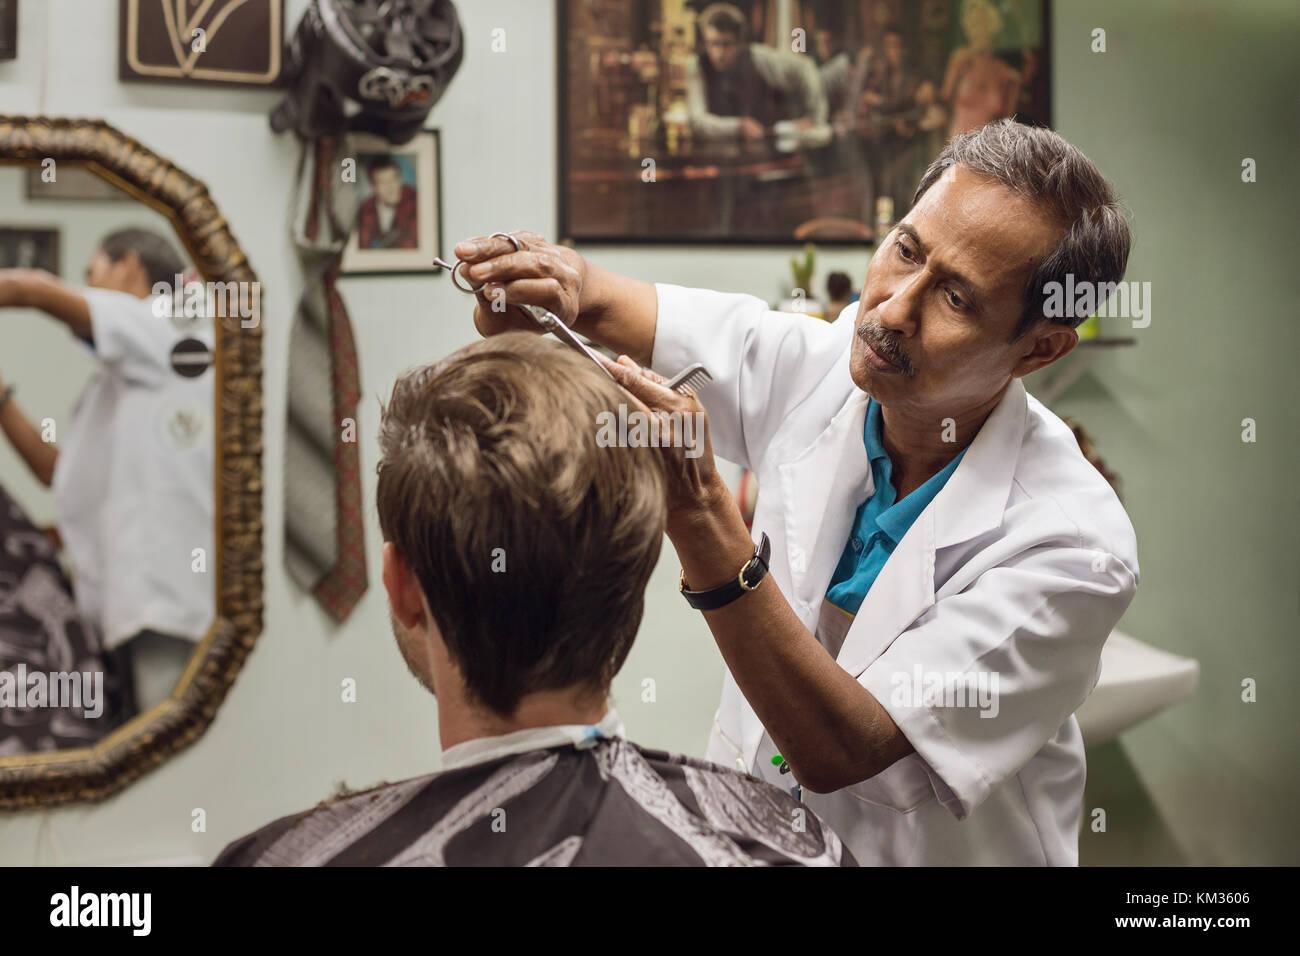 Barbiere: la malese concentrare sul lavoro Immagini Stock